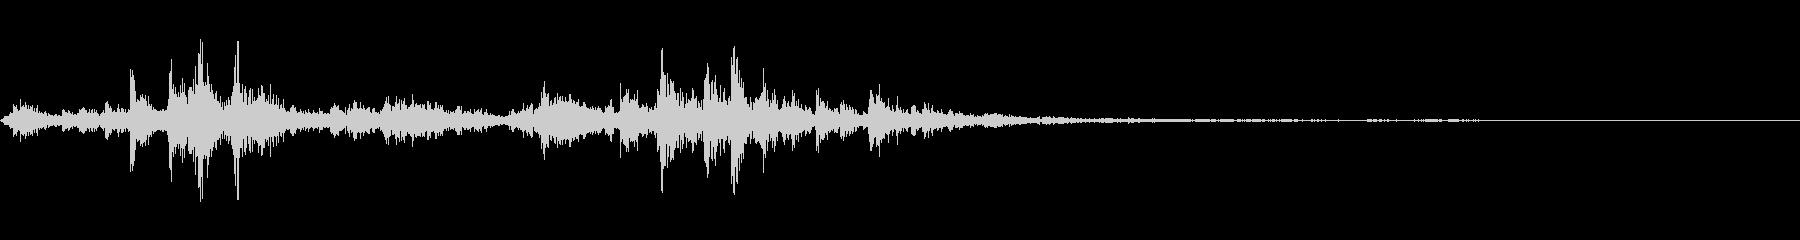 フィルムリールスライドフロアの未再生の波形